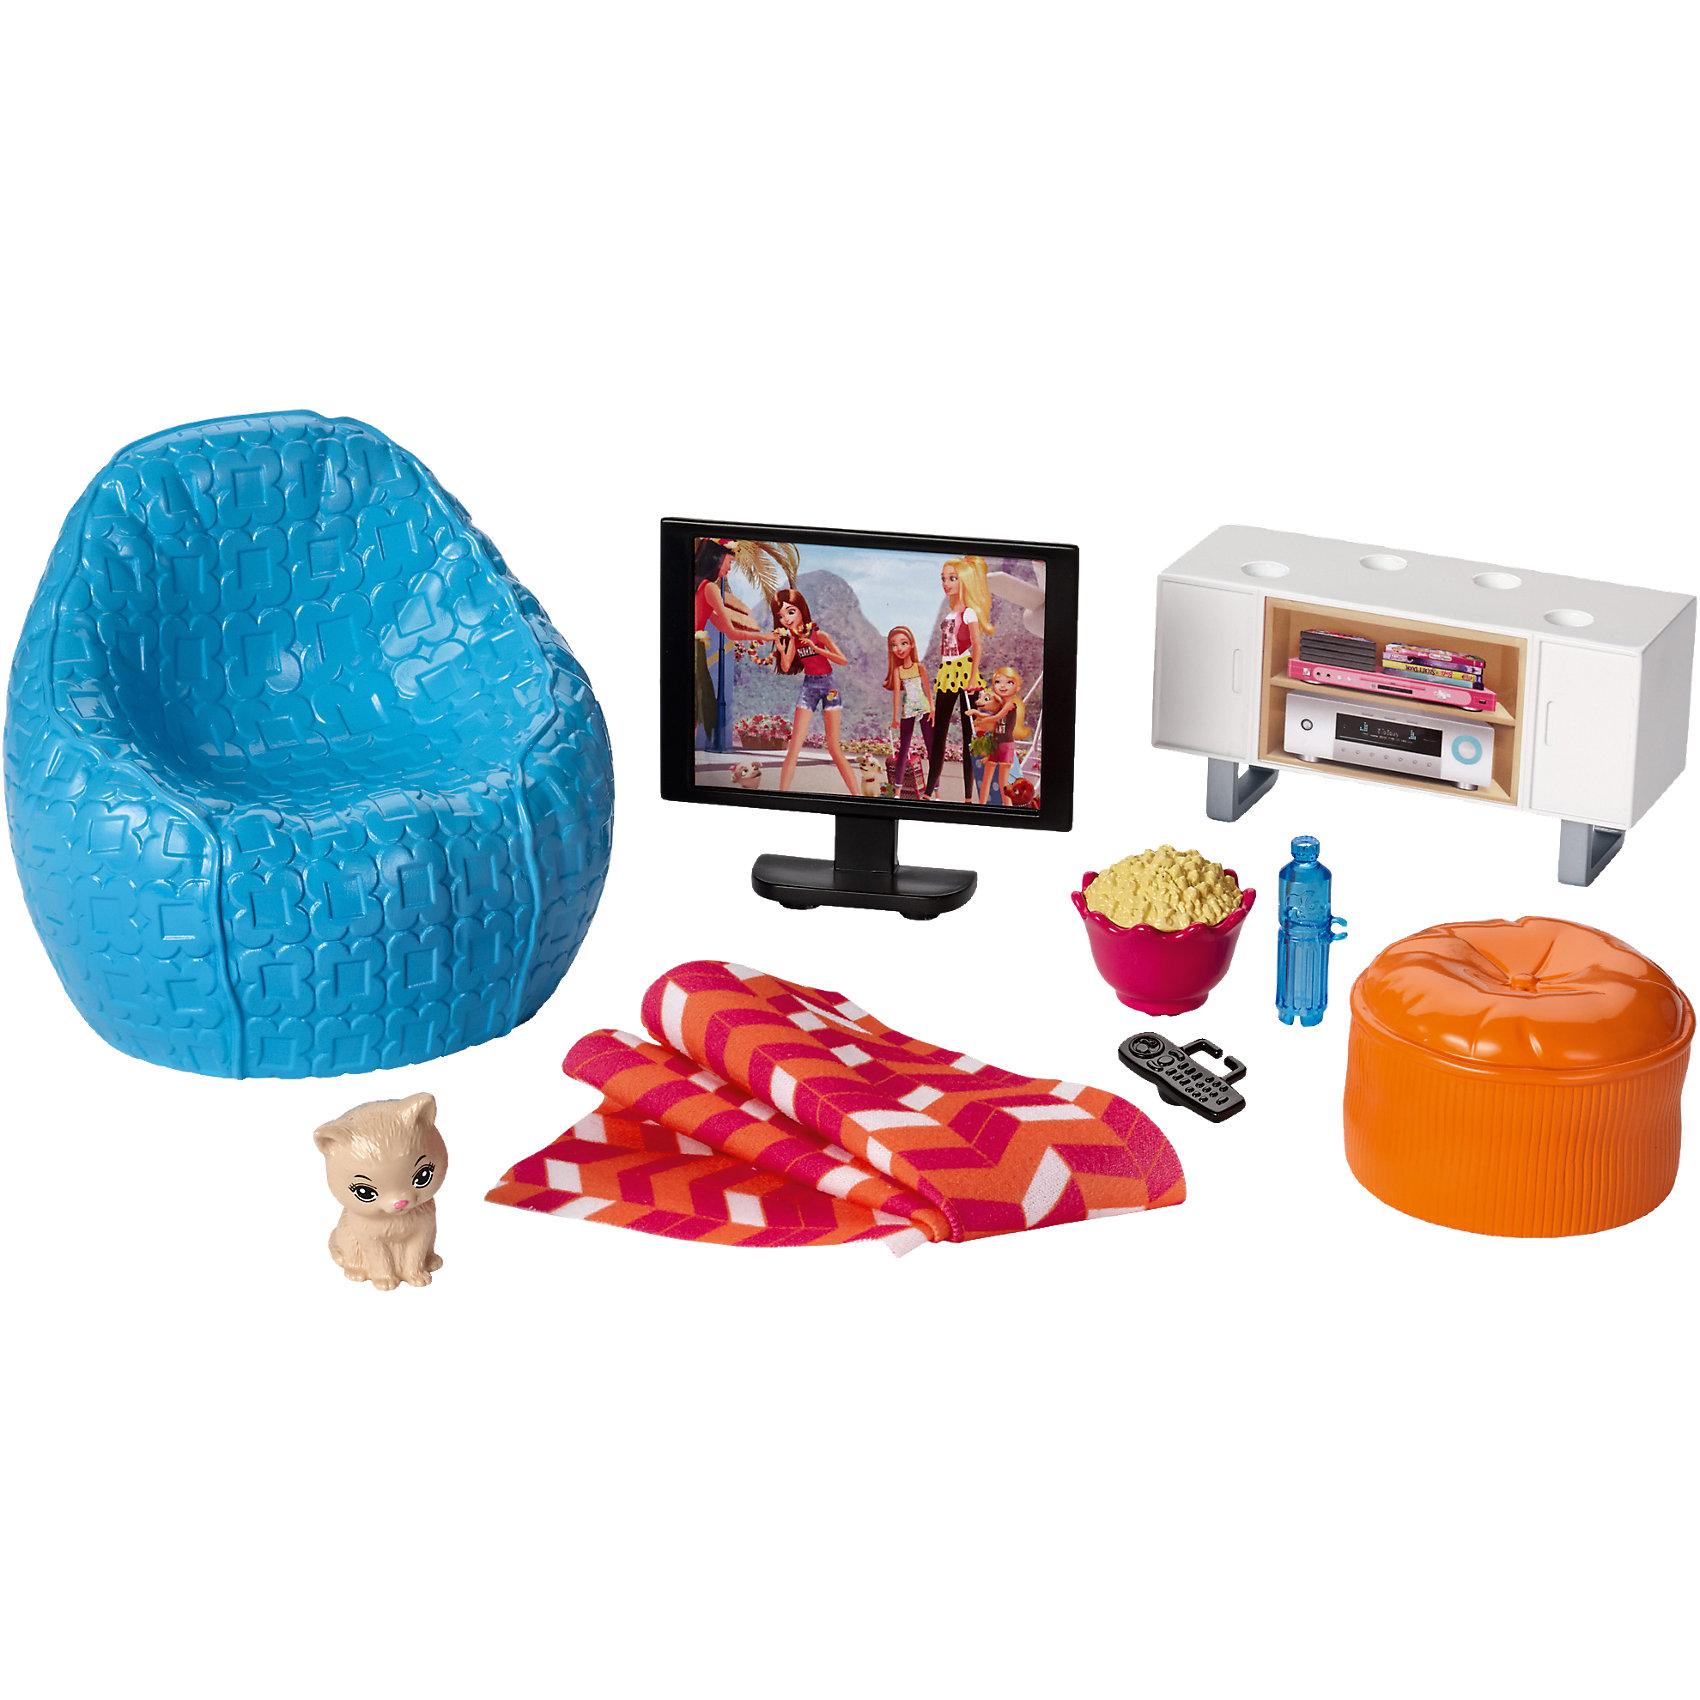 Набор мебели Вечер у телевизора из серии Отдых дома, BarbieДомики и мебель<br>Набор мебели Вечер у телевизора из серии Отдых дома, Barbie.<br><br>Характеристики:<br><br>• В наборе: телевизор с пультом, тумба для телевизора, кресло с пледом, пуфик, фигурка котенка, попкорн, бутылка для воды<br>• Высота фигурки котенка: 3,5 см.<br>• Высота телевизора: 7 см.<br>• Высота кресла: 11 см.<br>• Материал: пластик, текстиль<br>• Упаковка: блистер<br>• Размер упаковки: 20х9х27 см.<br><br>Проведи спокойный вечер дома с набором мебели Barbie. Кукла Barbie (продается отдельно) может посмотреть любимый фильм по телевизору, сидя на кресле с ведерком попкорна, пледом и пультом, или поиграть со своим домашним любимцем. Все элементы наборы выполнены из прочного и безопасного для ребенка пластика. Собери всю превосходную мебель и аксессуары, чтобы создать полноценный интерьер для своей куклы Barbie.<br><br>Набор мебели Вечер у телевизора из серии Отдых дома, Barbie можно купить в нашем интернет-магазине.<br><br>Ширина мм: 272<br>Глубина мм: 192<br>Высота мм: 91<br>Вес г: 280<br>Возраст от месяцев: 36<br>Возраст до месяцев: 72<br>Пол: Женский<br>Возраст: Детский<br>SKU: 5257111